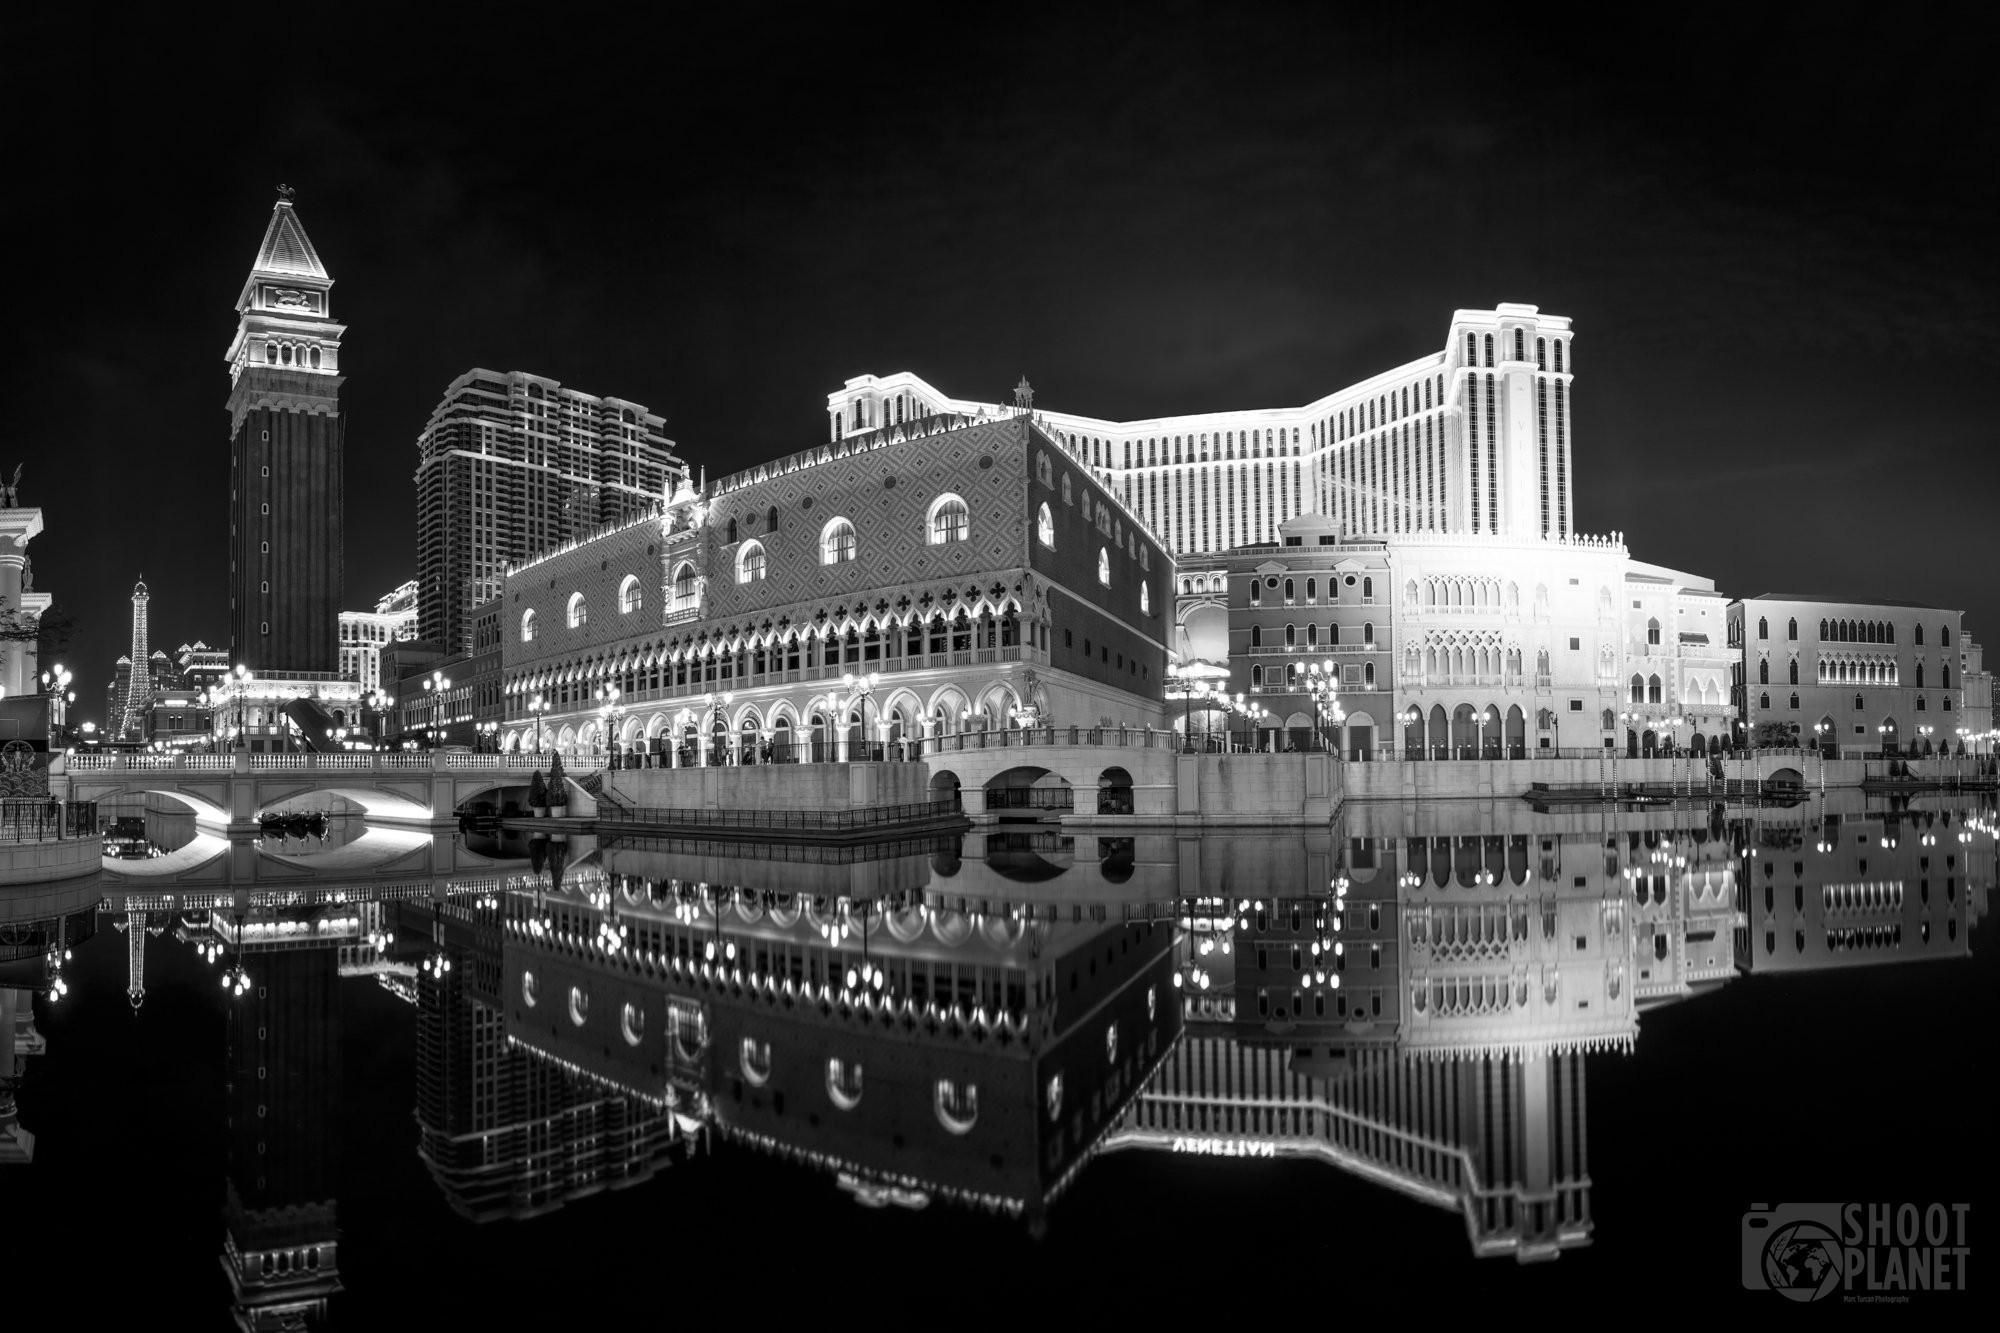 Nighttime Venetian casino replica reflection, Macao China